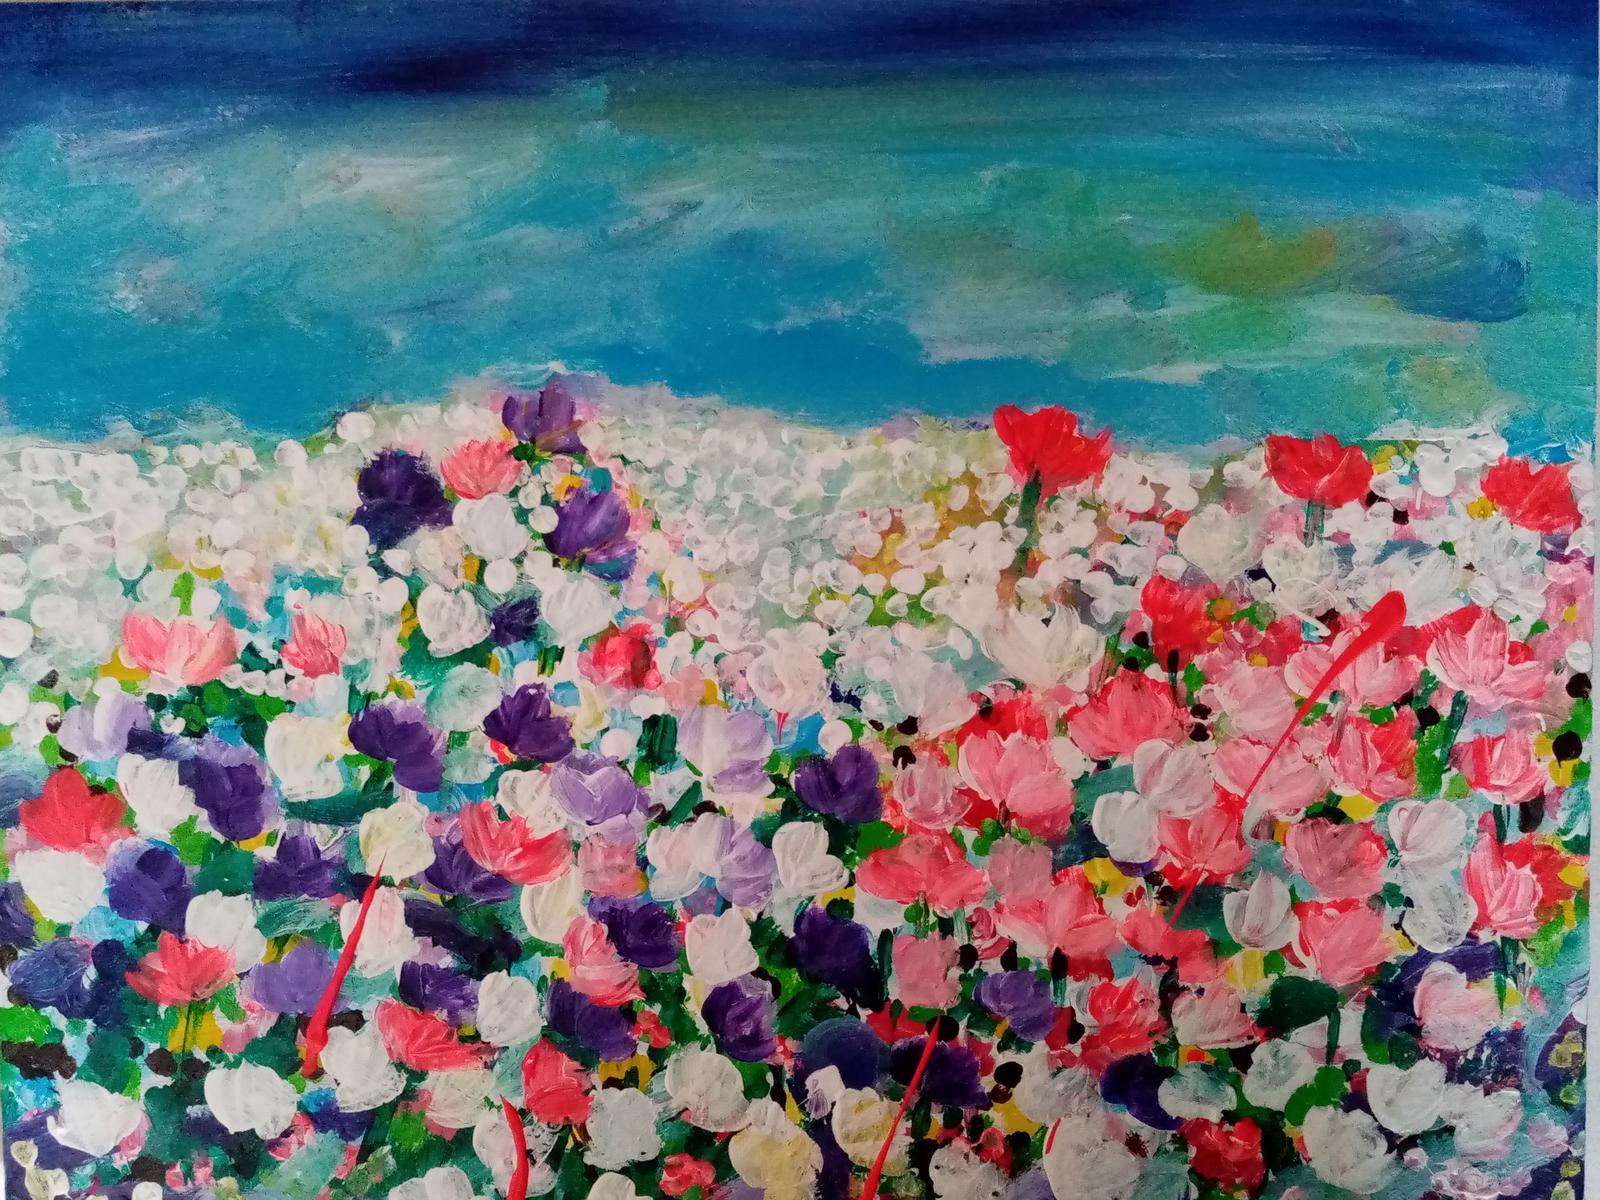 Lúka plná kvetov - Obrázok č. 1